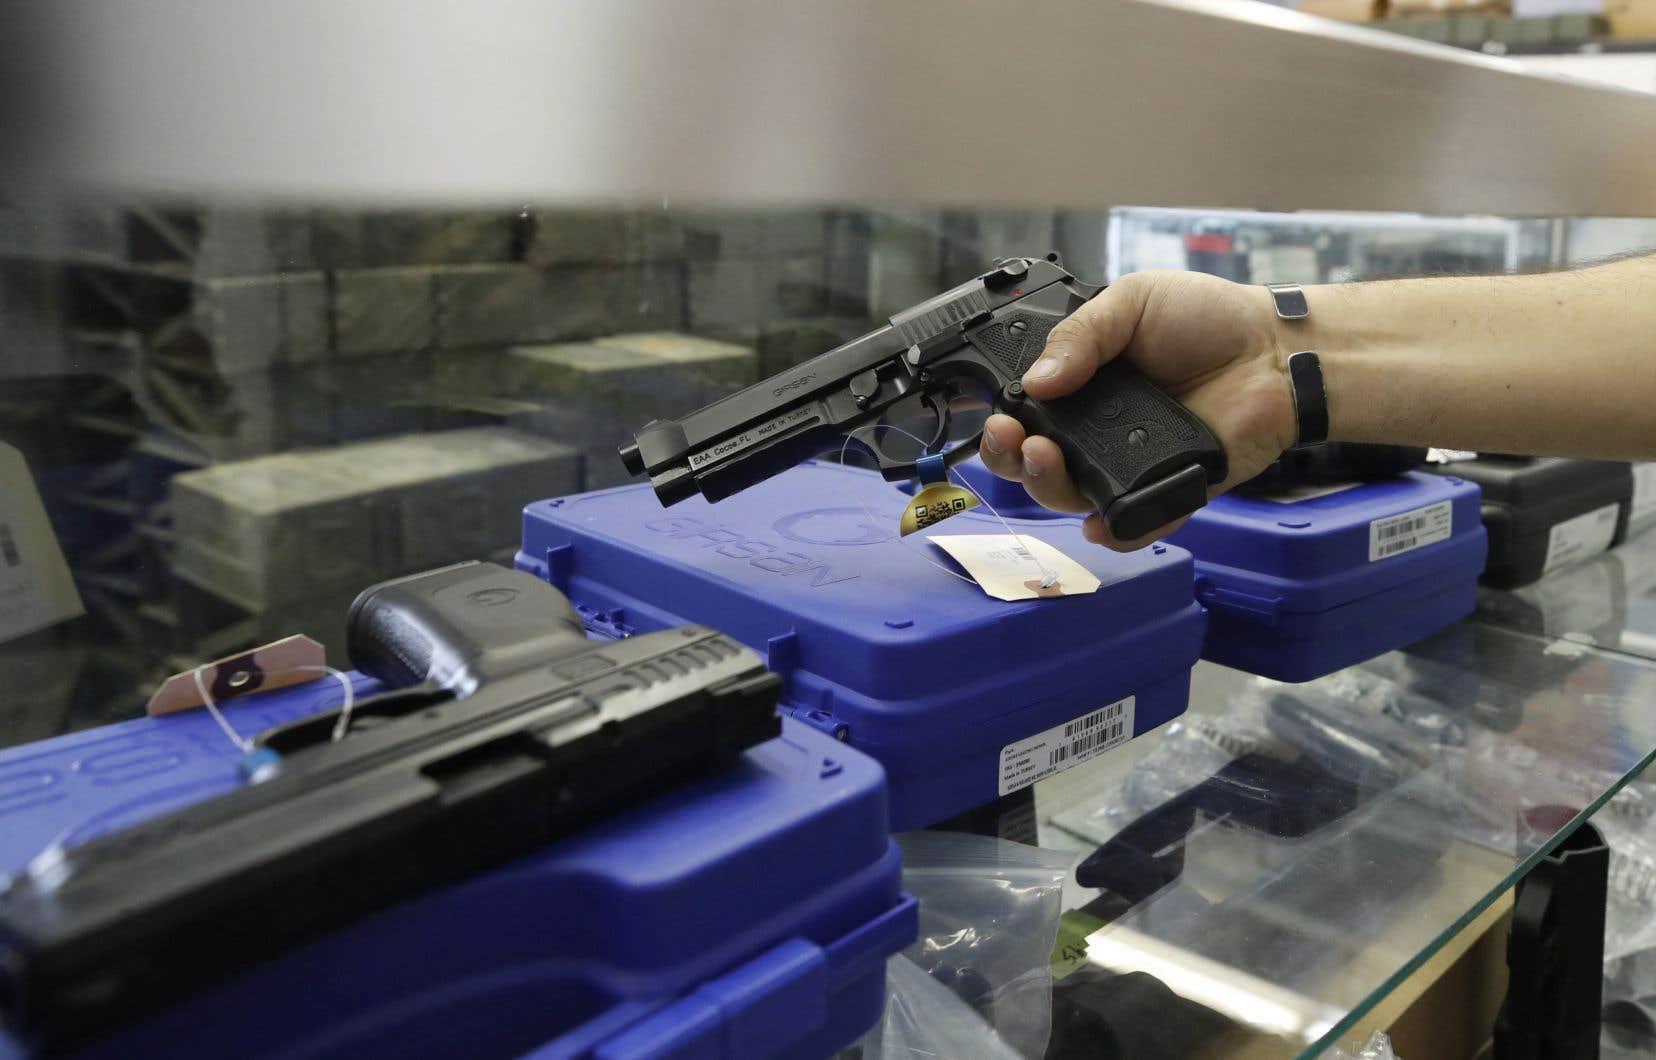 Le groupe PolySeSouvient déplore non seulement que le gouvernement Trudeau n'interdise pas à l'échelle du Canada la possession d'armes de poing, mais aussi qu'il n'ait rien proposé pour stopper leur prolifération.